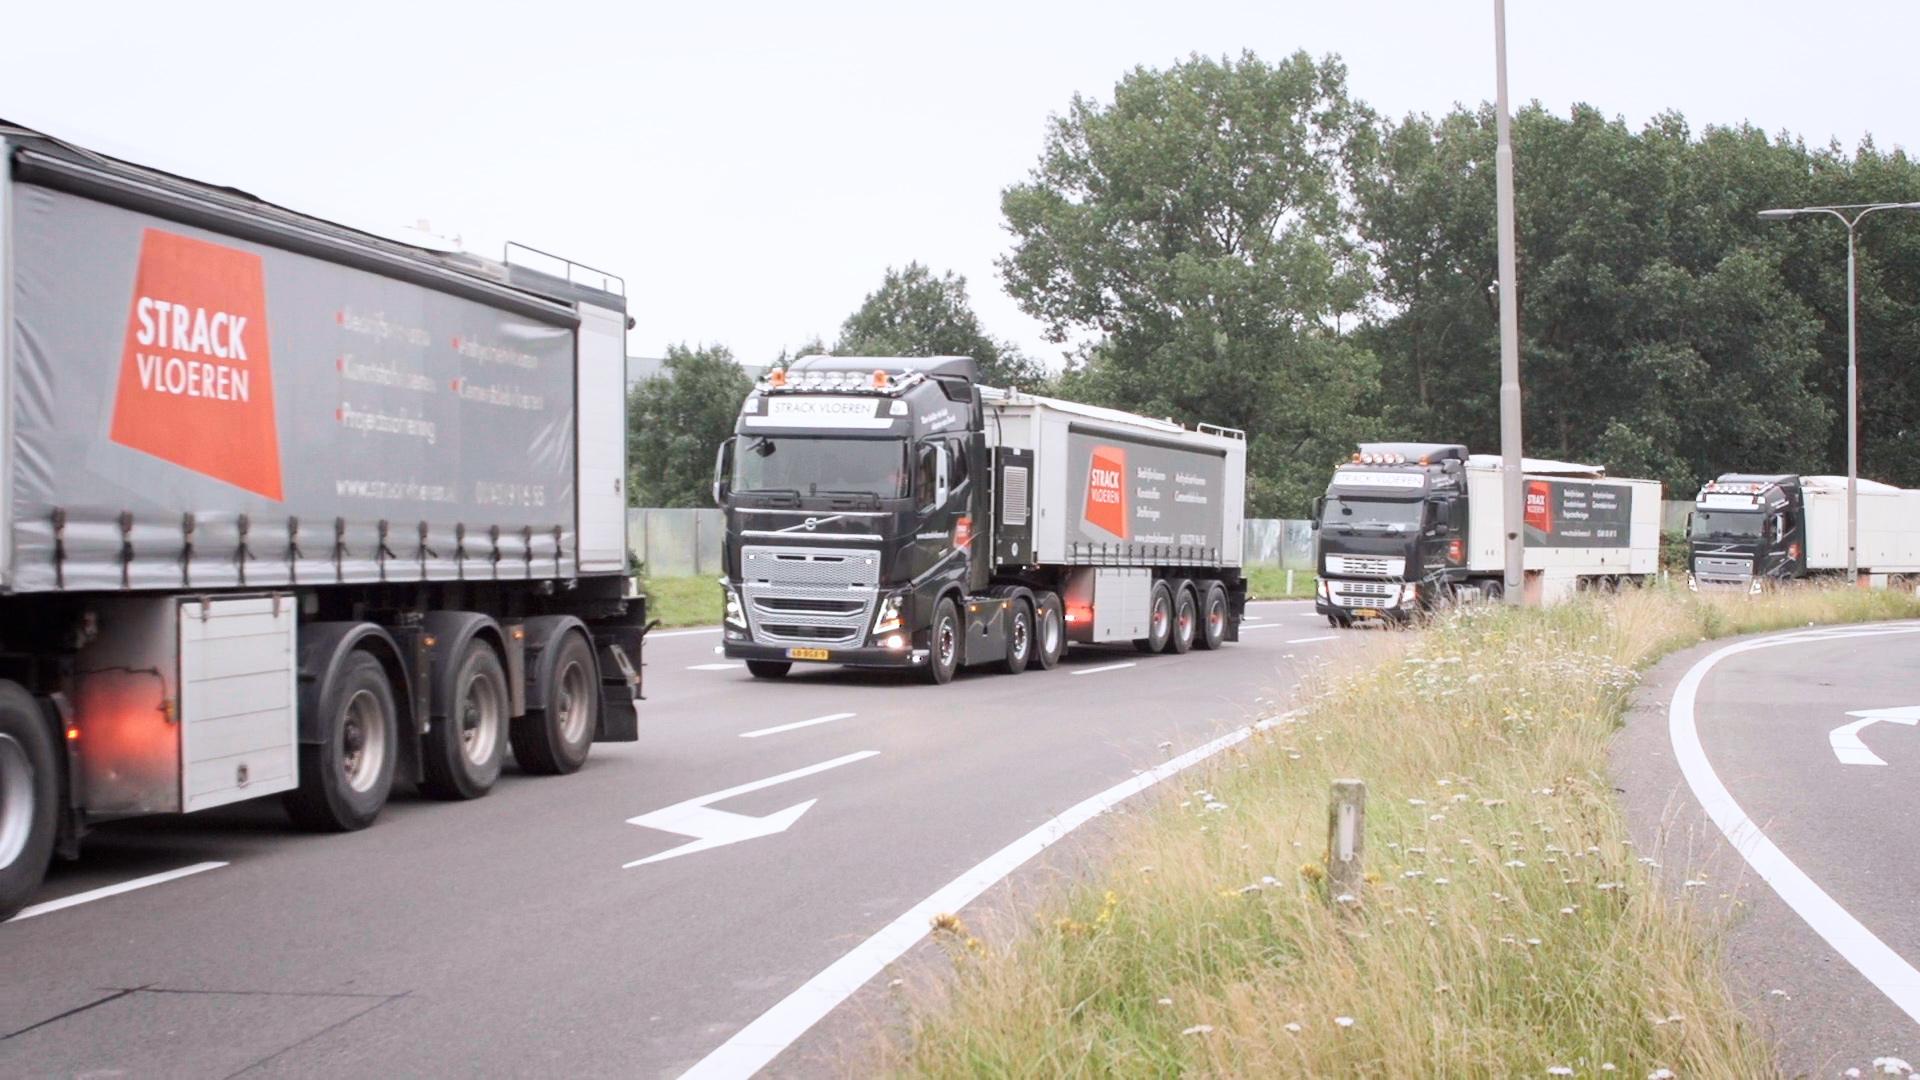 Vrachtautos Strack Vloeren maarssen